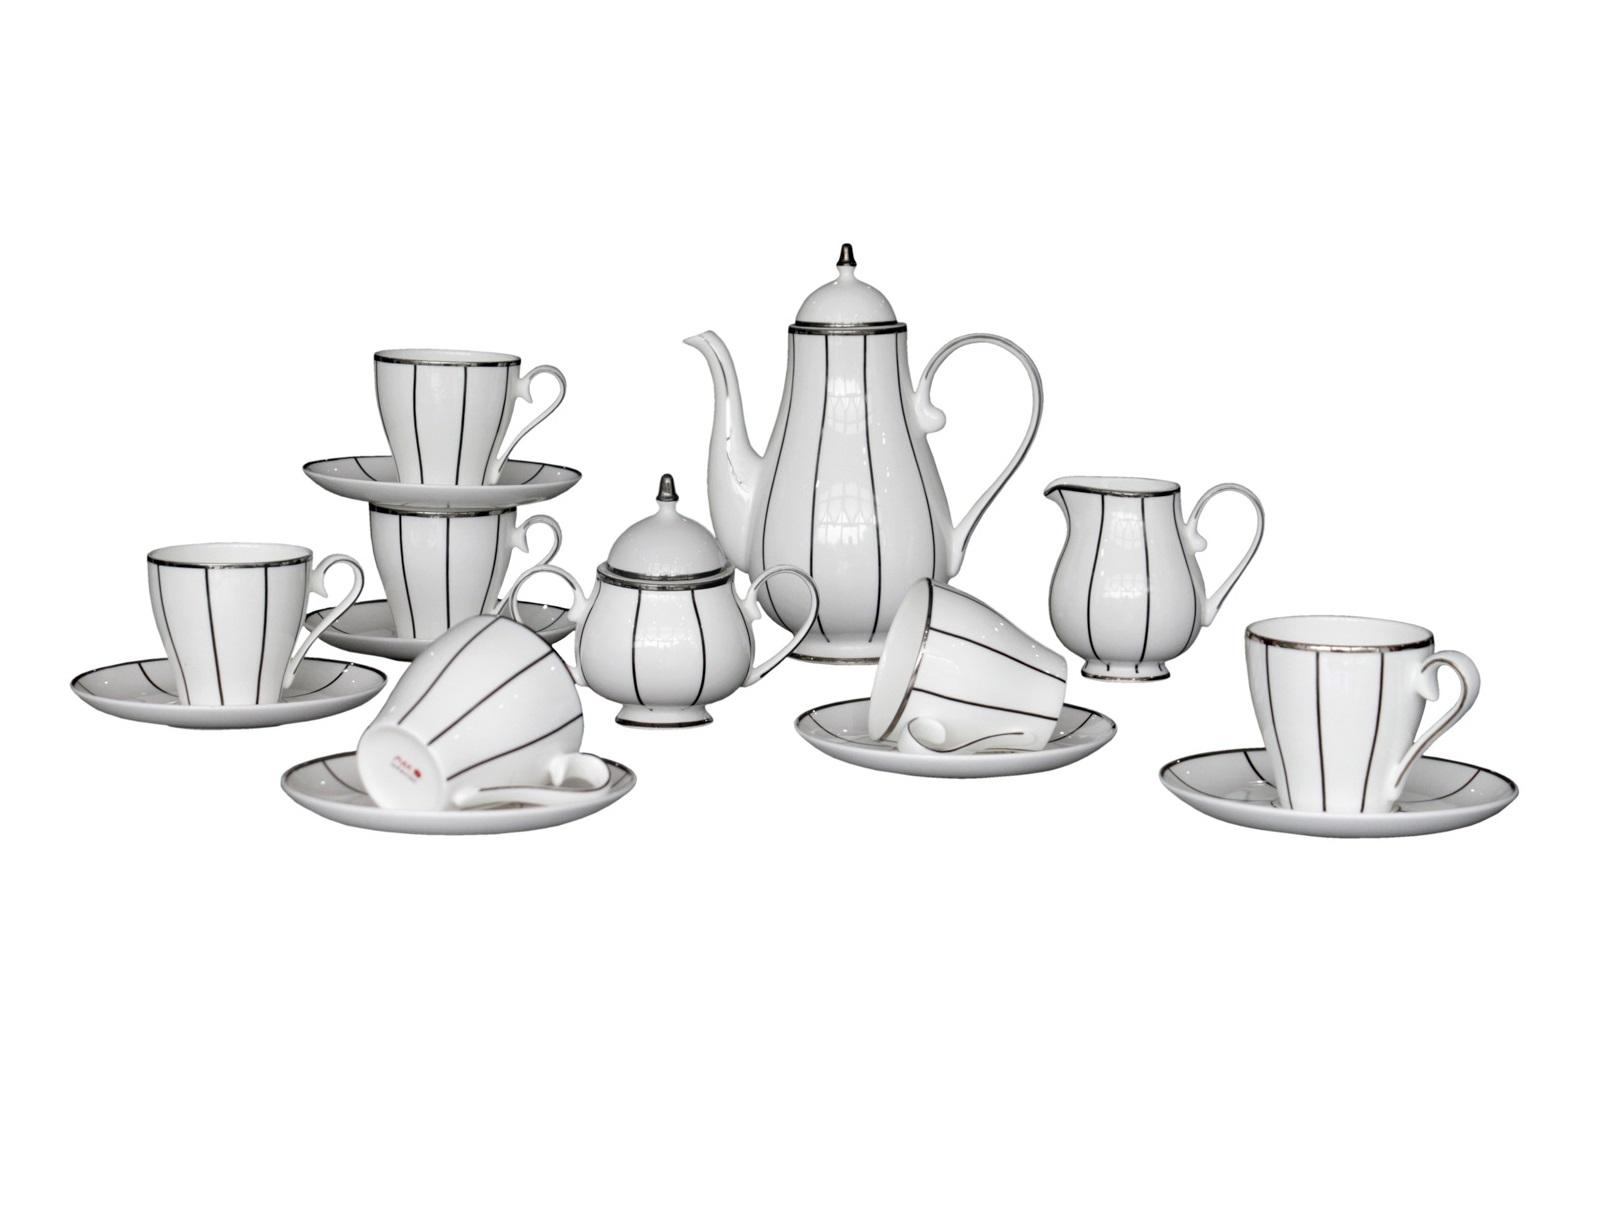 Чайный сервиз Flavour (17шт.)Чайные сервизы<br>Грациозный, обворожительный чайный сервиз Flavour отлично дополнит элегантный интерьер Вашей кухни. Его белый цвет удачно гармонирует с серебряными узорами, а классическая форма сервиза привнесет элегантности и тепла в Ваш интерьер.&amp;lt;div&amp;gt;&amp;lt;br&amp;gt;&amp;lt;/div&amp;gt;&amp;lt;div&amp;gt;Состав набора посуды:&amp;lt;br&amp;gt;&amp;lt;/div&amp;gt;&amp;lt;div&amp;gt;1 Заварочный чайник: высота &amp;amp;nbsp;c крышкой 23 &amp;amp;nbsp;см, ширина 19,5 &amp;amp;nbsp;см, глубина 10 см;<br>&amp;amp;nbsp;&amp;amp;nbsp;&amp;lt;/div&amp;gt;&amp;lt;div&amp;gt;6 блюдец: диаметр 15,5 см, высота 1,7 см;<br>&amp;amp;nbsp;&amp;amp;nbsp;&amp;lt;/div&amp;gt;&amp;lt;div&amp;gt;6 чашек: высота 7,7 см, ширина: 10,5 см, глубина: 8 см;<br>&amp;amp;nbsp;&amp;amp;nbsp;&amp;lt;/div&amp;gt;&amp;lt;div&amp;gt;1 сахарница: высота 12,7 см, ширина: 15,5, глубина: 9,5 см;<br>&amp;amp;nbsp;&amp;amp;nbsp;&amp;lt;/div&amp;gt;&amp;lt;div&amp;gt;1 сливочник: высота: 11 см, ширина 13 см, глубина: 8,2 см.&amp;amp;nbsp;&amp;lt;/div&amp;gt;&amp;lt;div&amp;gt;&amp;lt;br&amp;gt;&amp;lt;/div&amp;gt;&amp;lt;div&amp;gt;&amp;amp;nbsp;Материал Костяной фарфор.&amp;lt;/div&amp;gt;<br><br>Material: Фарфор<br>Height см: 1,7<br>Diameter см: 15,5